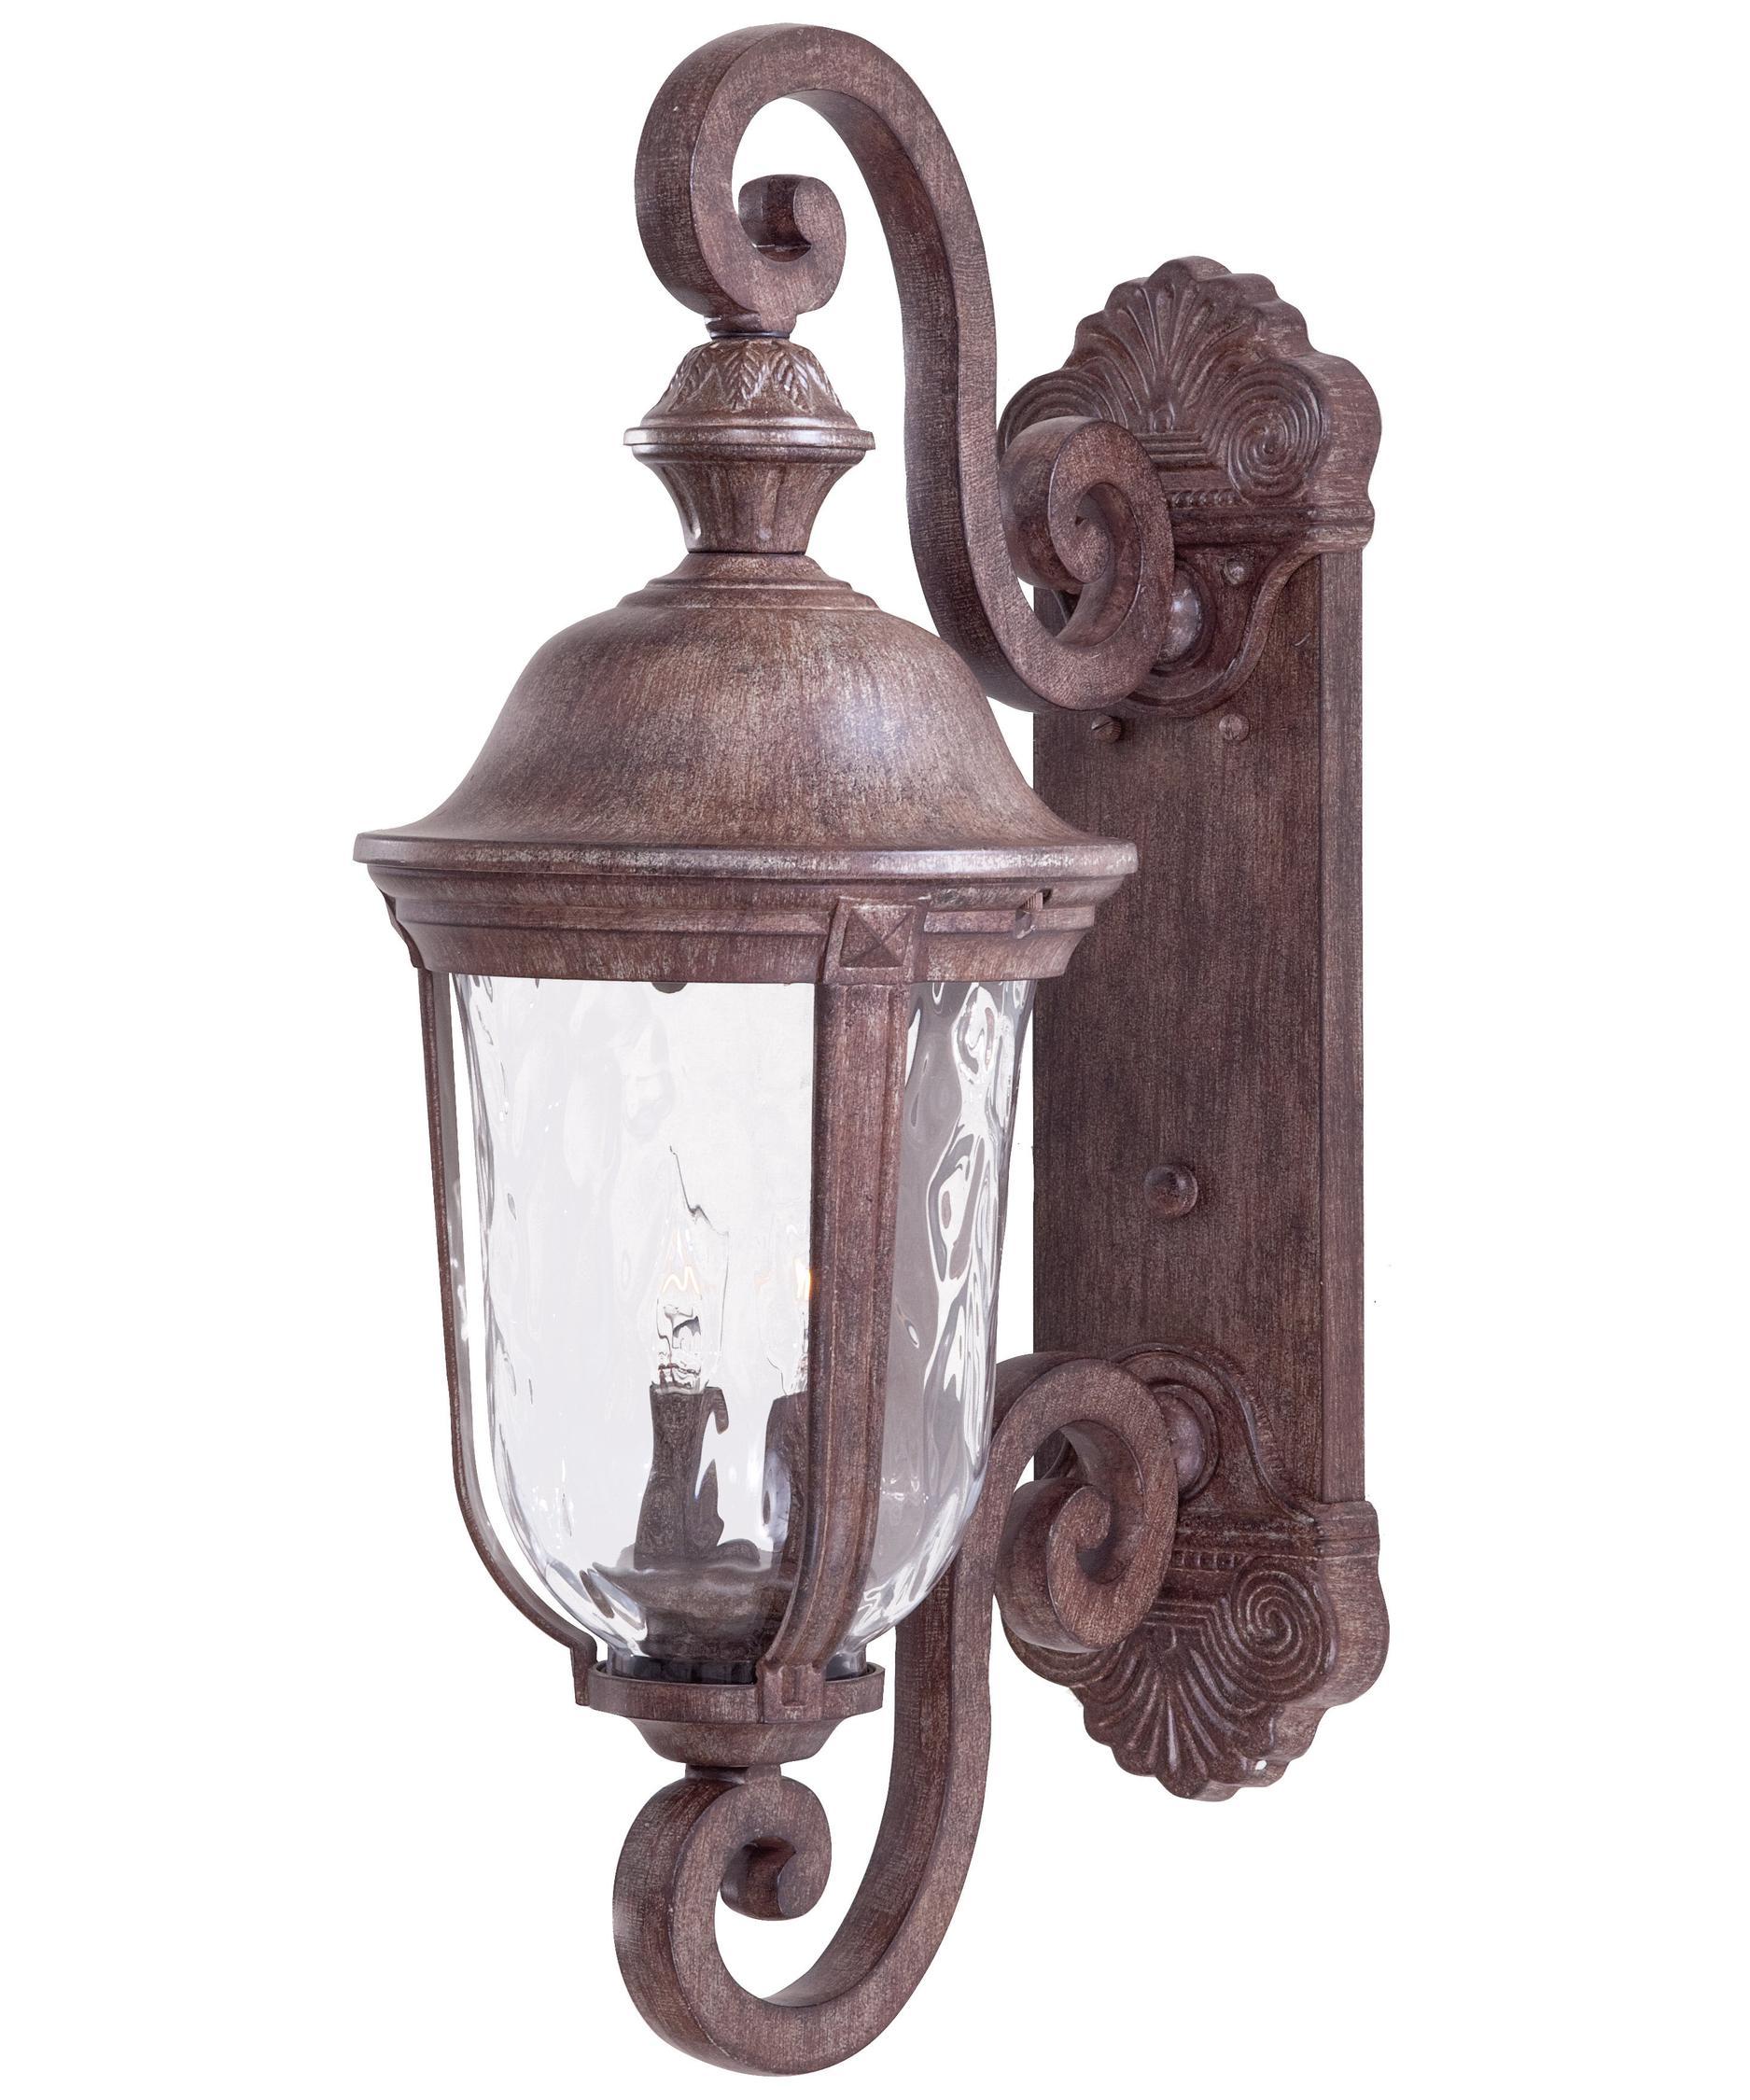 Vintage Outdoor Light Fixtures: Vintage Exterior Light Fixtures Rapnacional Info,Lighting